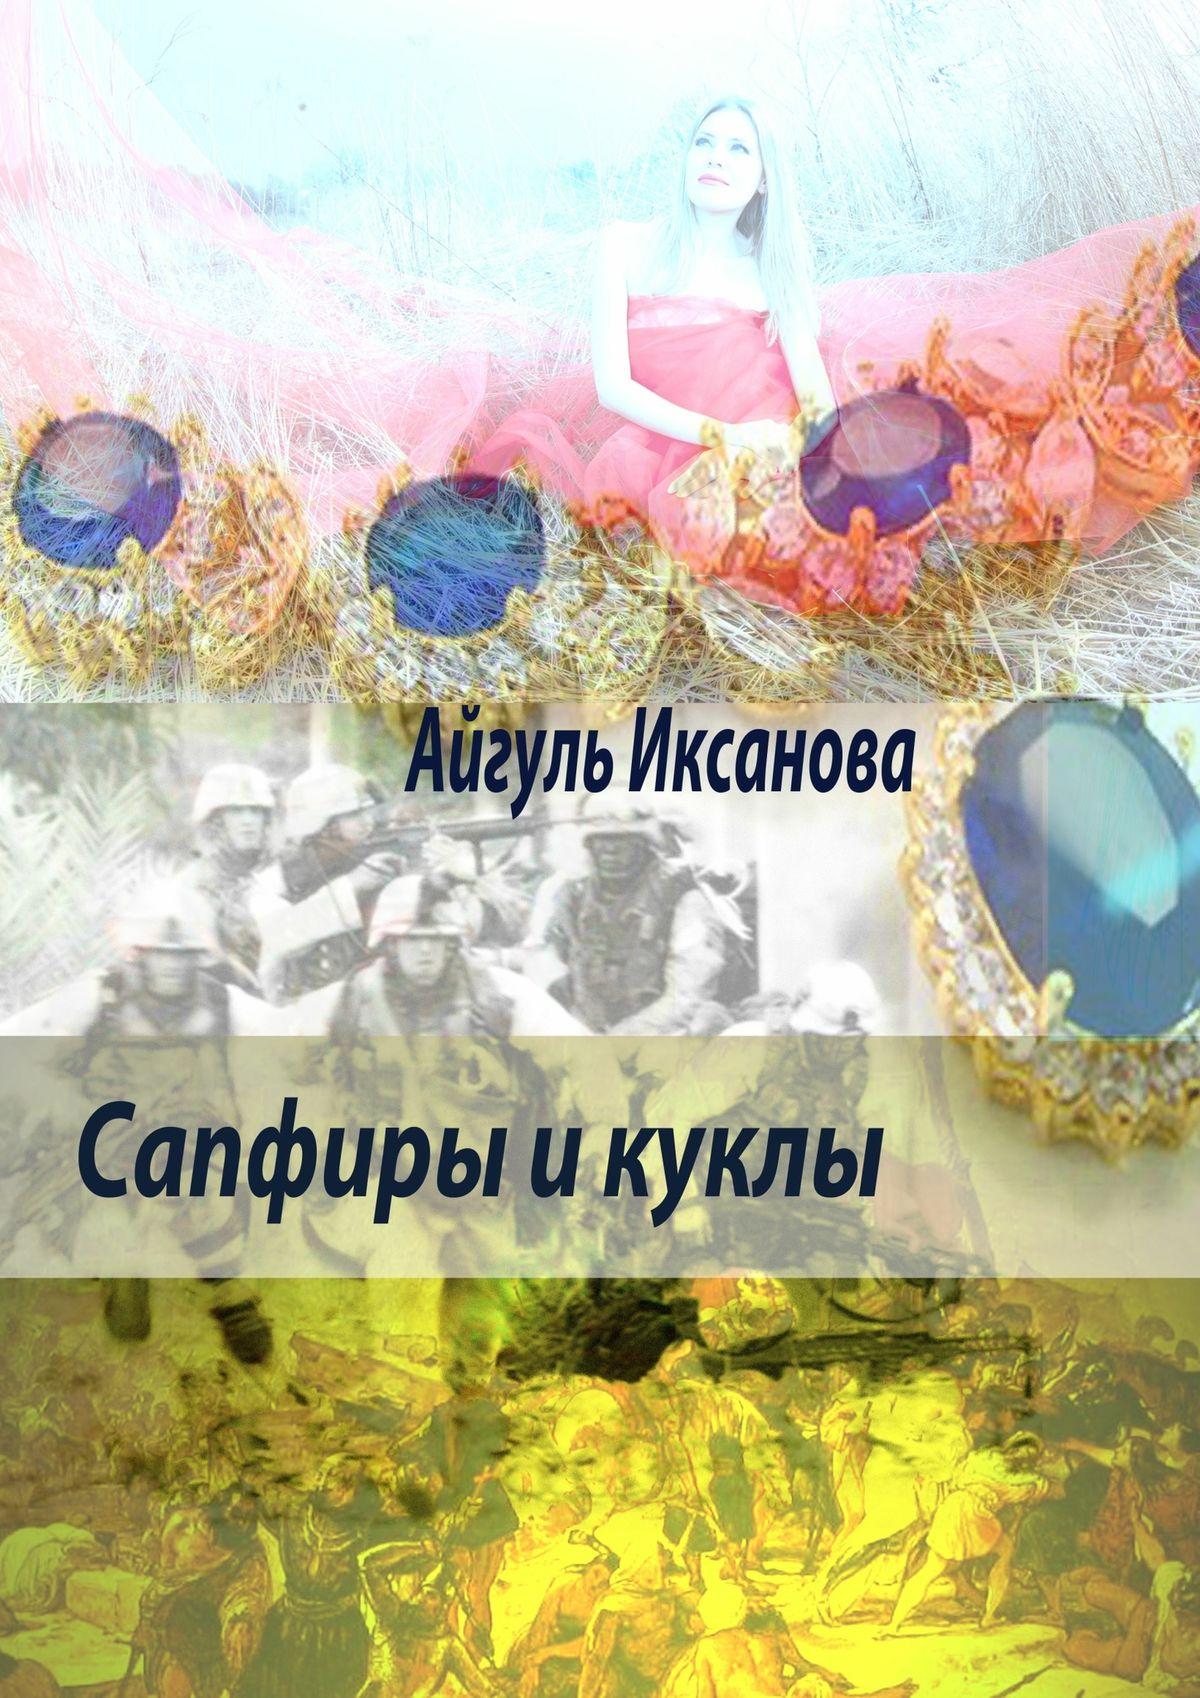 Айгуль Иксанова Сапфиры и куклы а с грехова история красавицы ичудовища внашидни